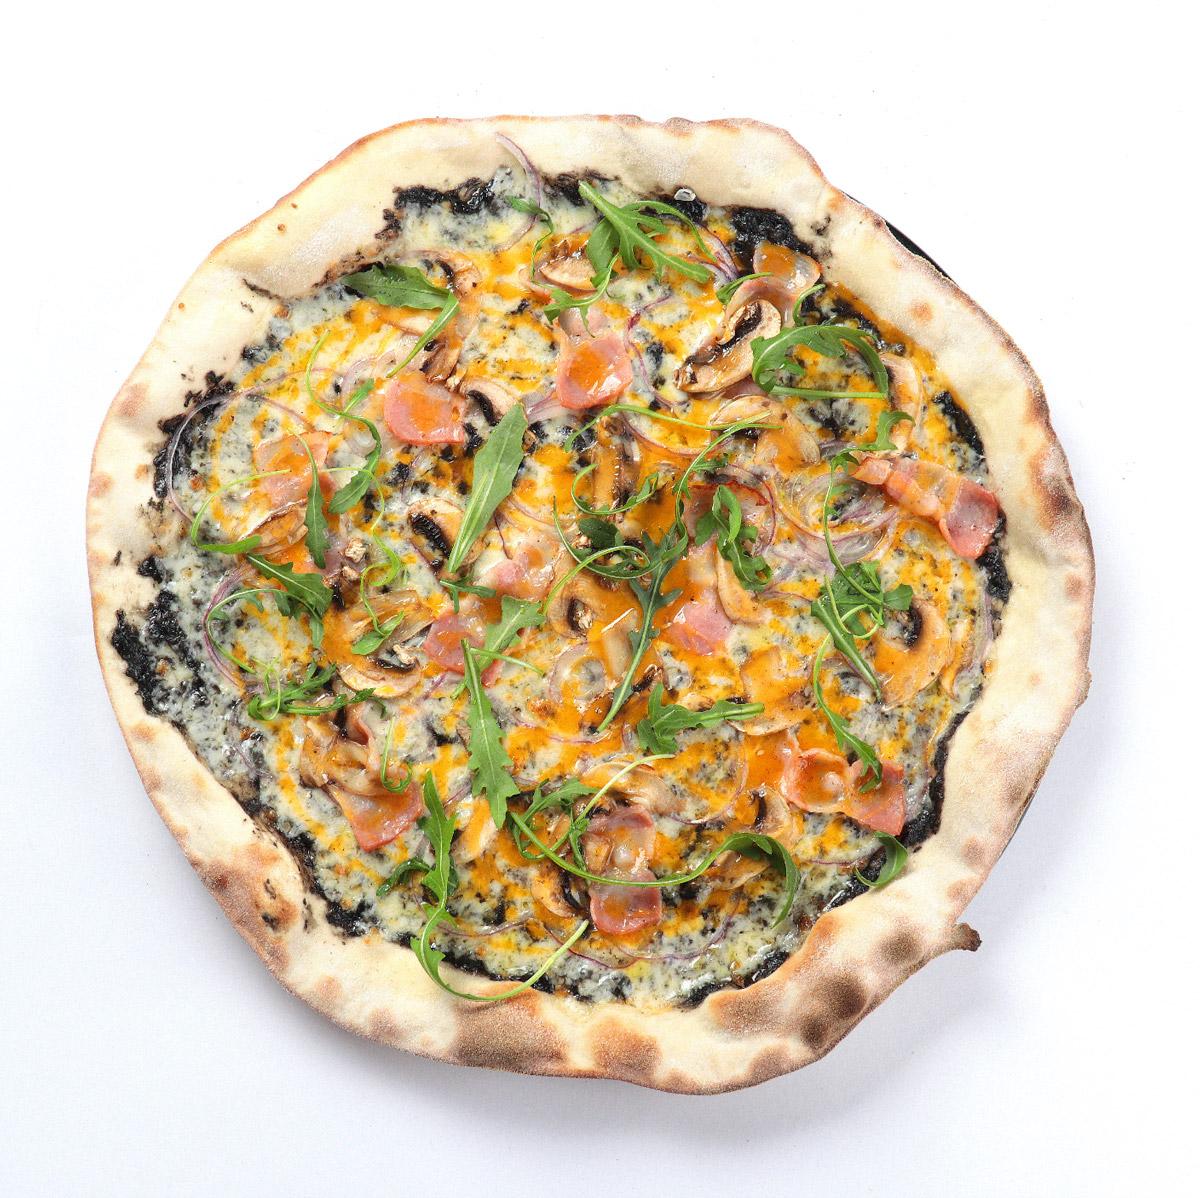 pizza tartu - 3 recetas con trufa que te dejarán boquiabierto